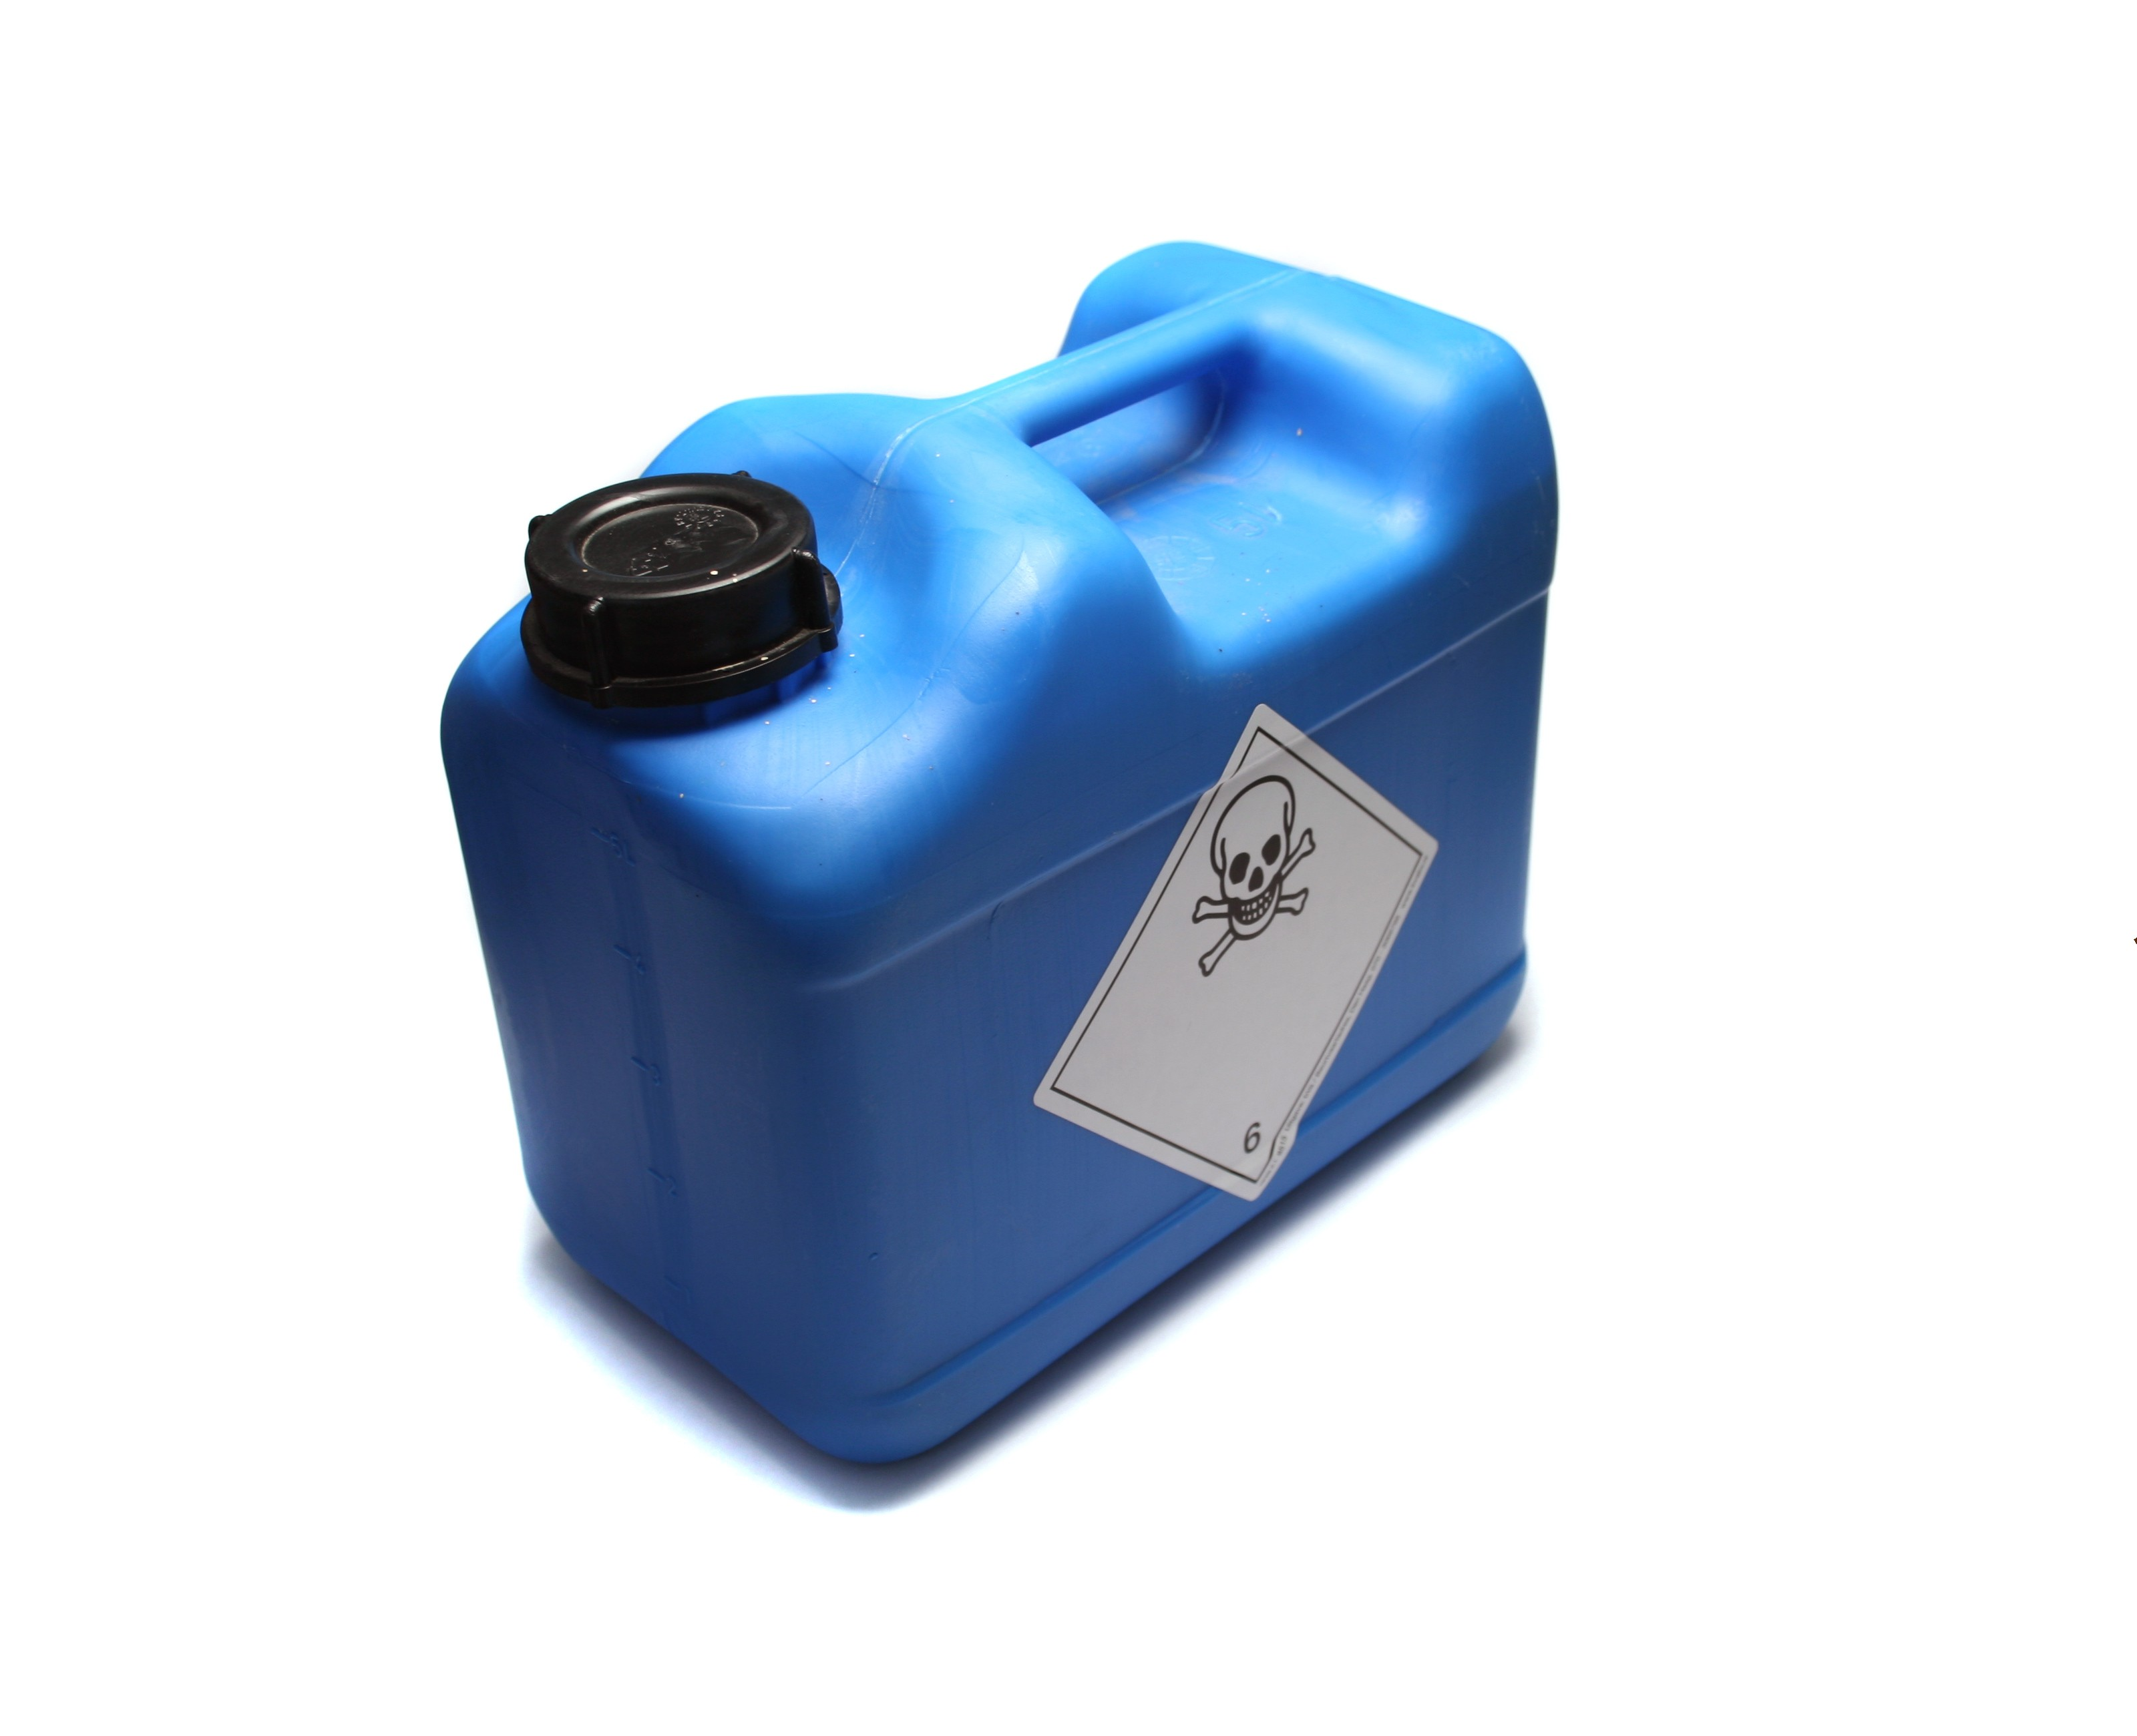 Pestycydy I Ich Wpływ Na środowisko Stressfreepl